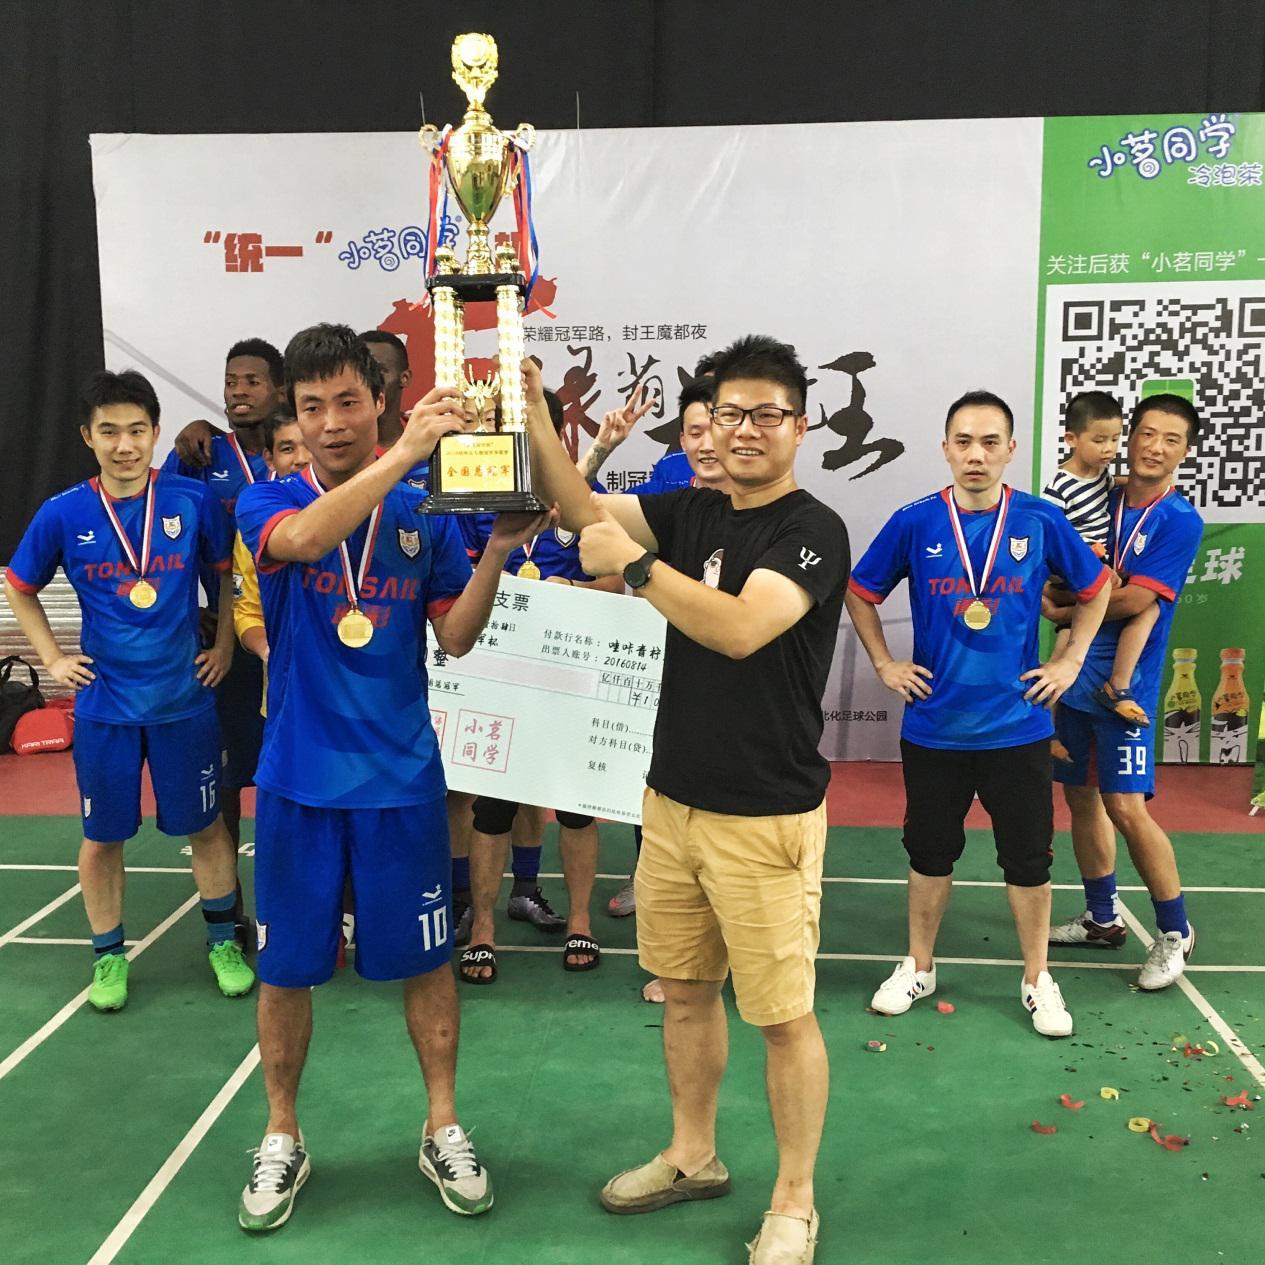 草根足球联赛也能收入万元!-搜狐体育